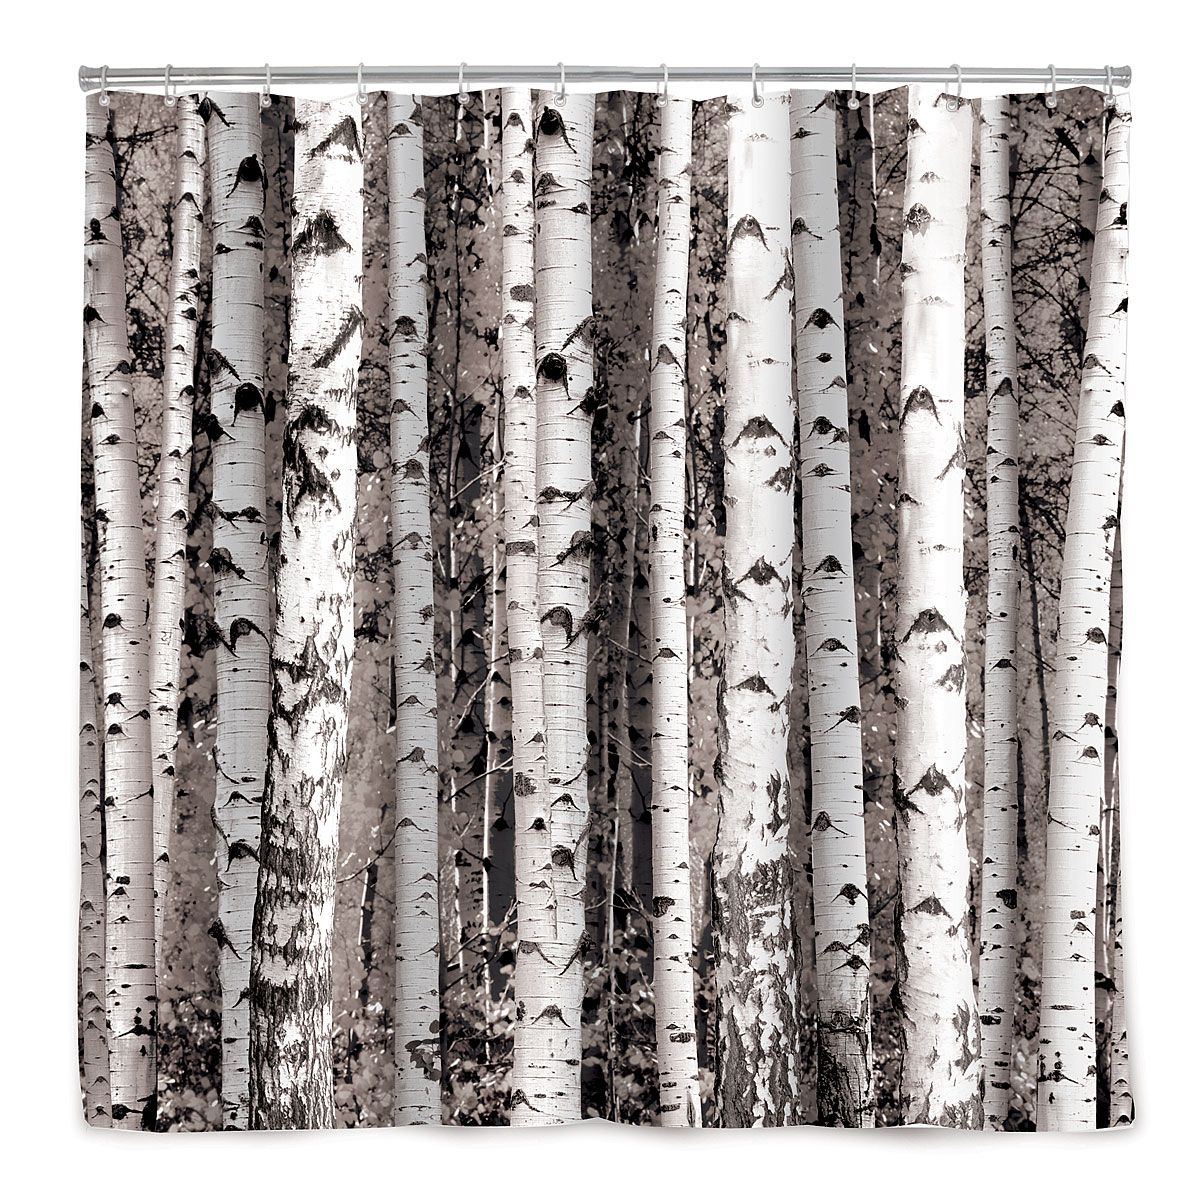 Birch Forest Shower Curtain Rideau Douche Rideaux Bouleau